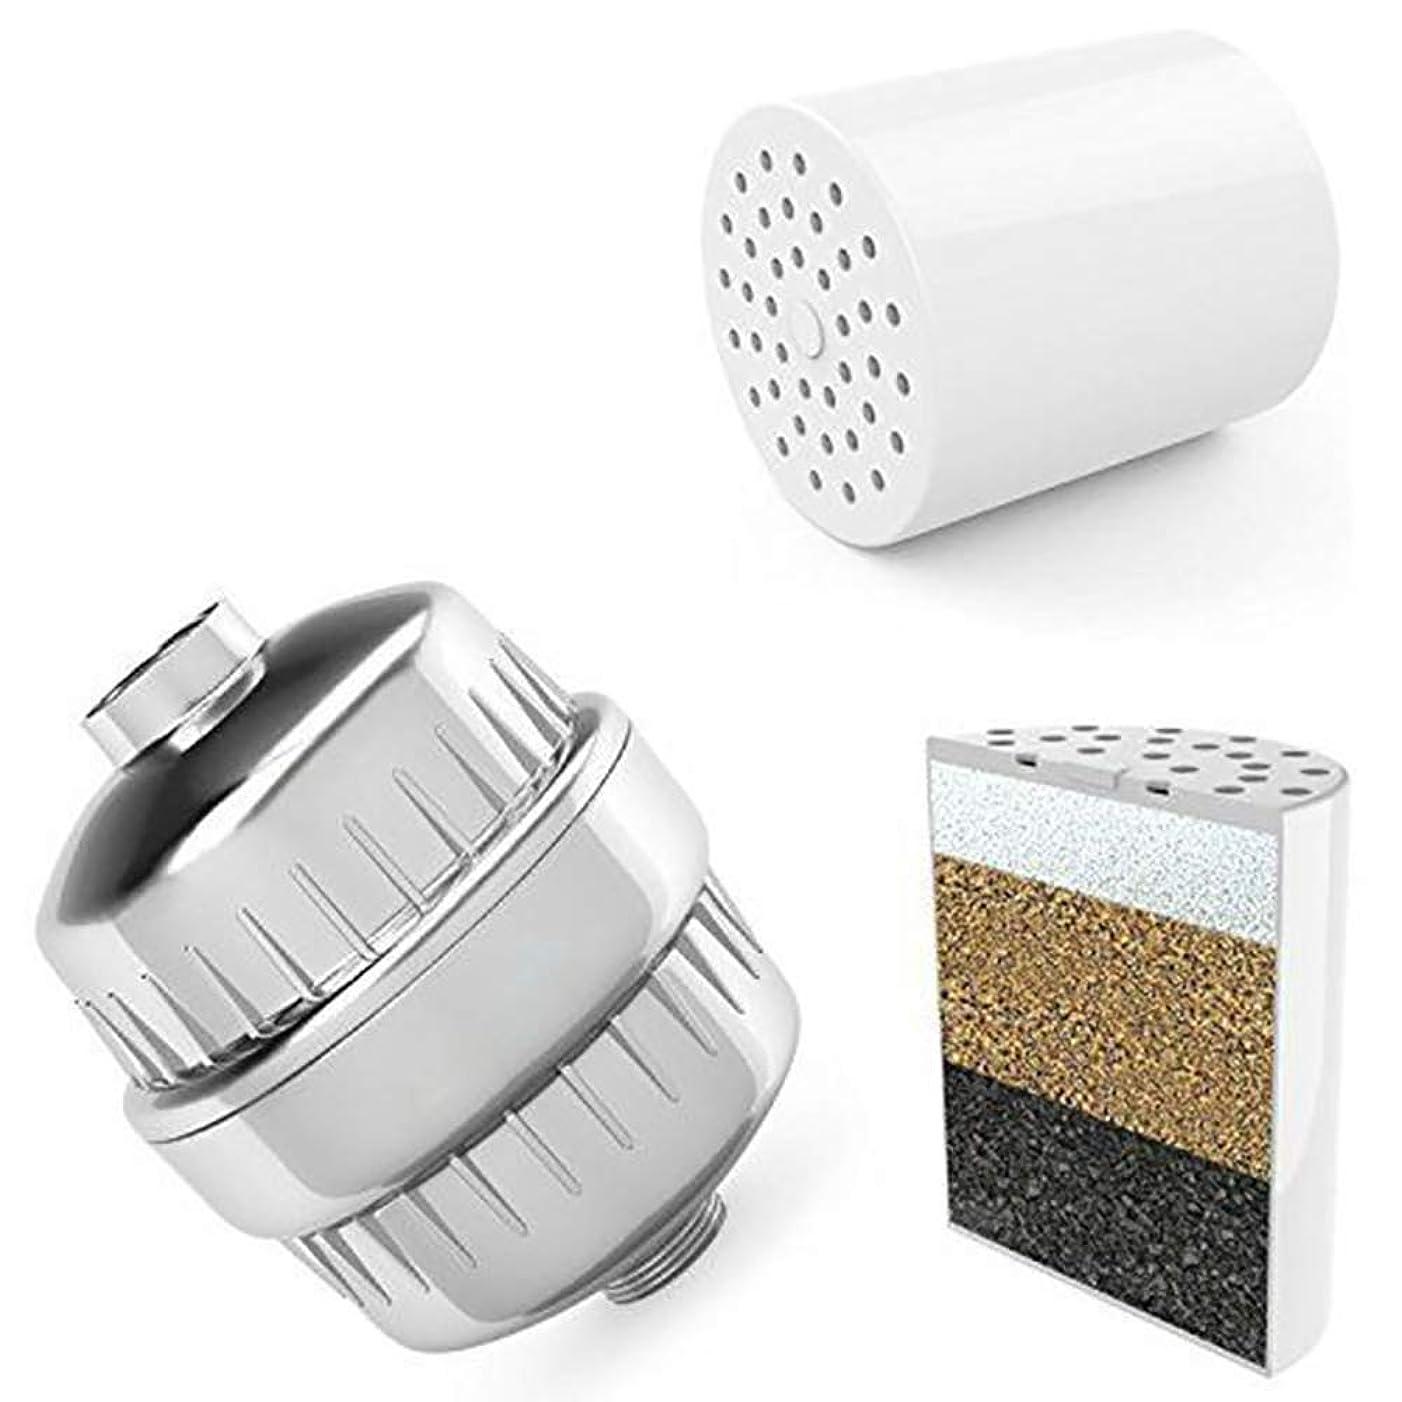 活力滝殺人者ユニバーサルシャワーヘッド浄水器硬水軟化剤治療健康入浴用品 (マルチカラー)